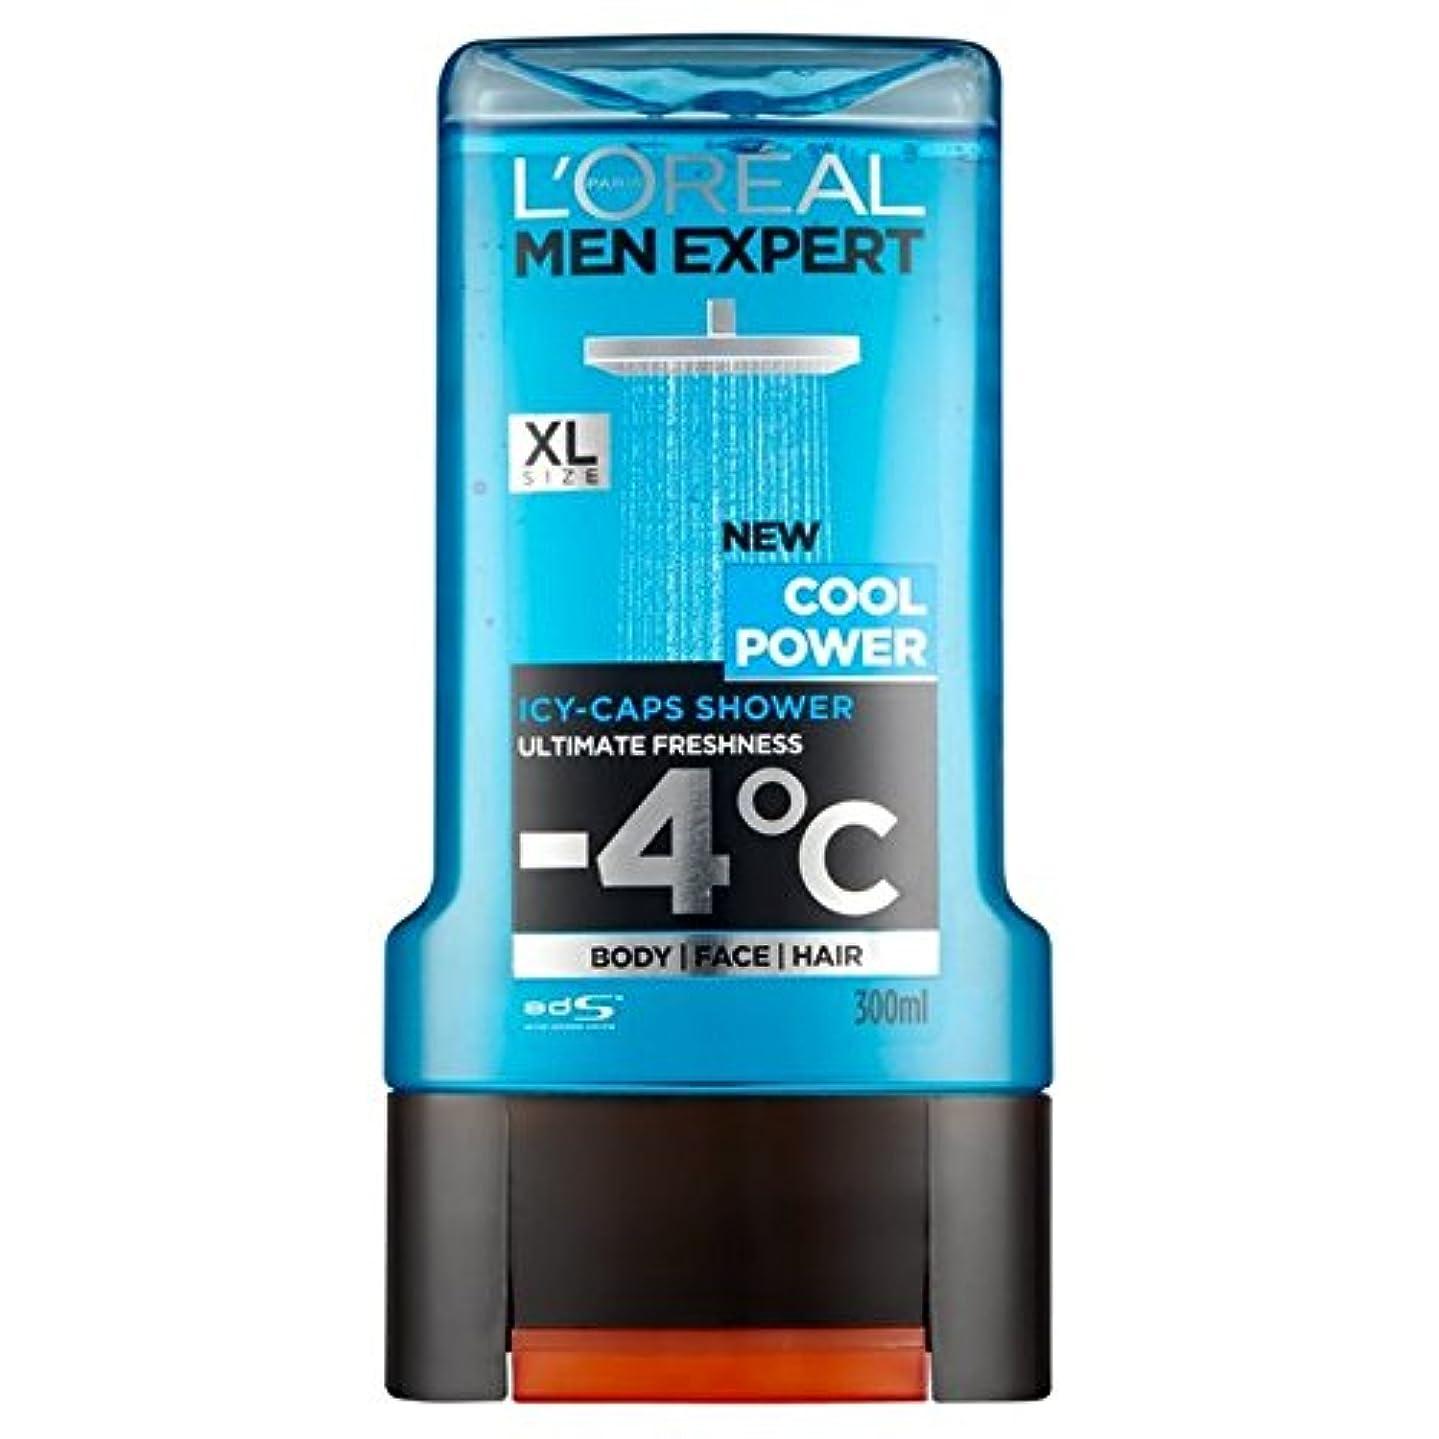 簡単に閉じるそしてロレアルパリの男性の専門家のクールなパワーシャワージェル300ミリリットル x2 - L'Oreal Paris Men Expert Cool Power Shower Gel 300ml (Pack of 2) [並行輸入品]